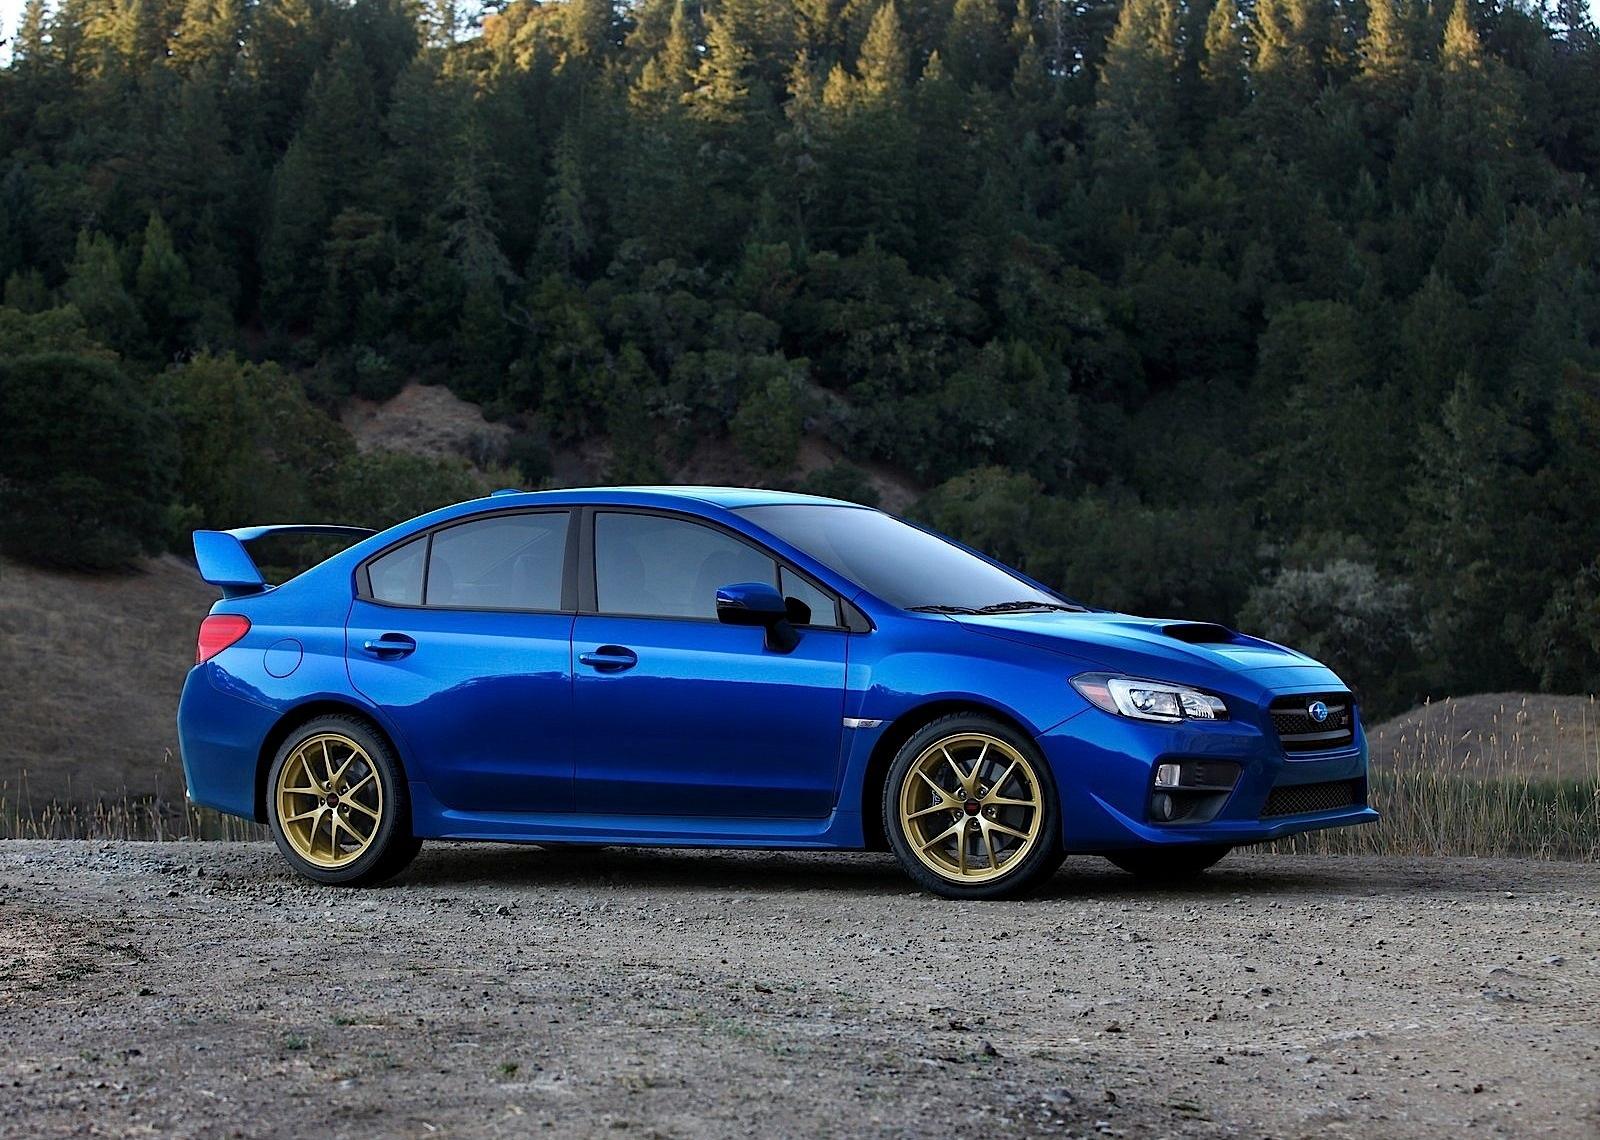 Subaru subaru specs : SUBARU WRX STI specs - 2014, 2015, 2016, 2017, 2018 - autoevolution